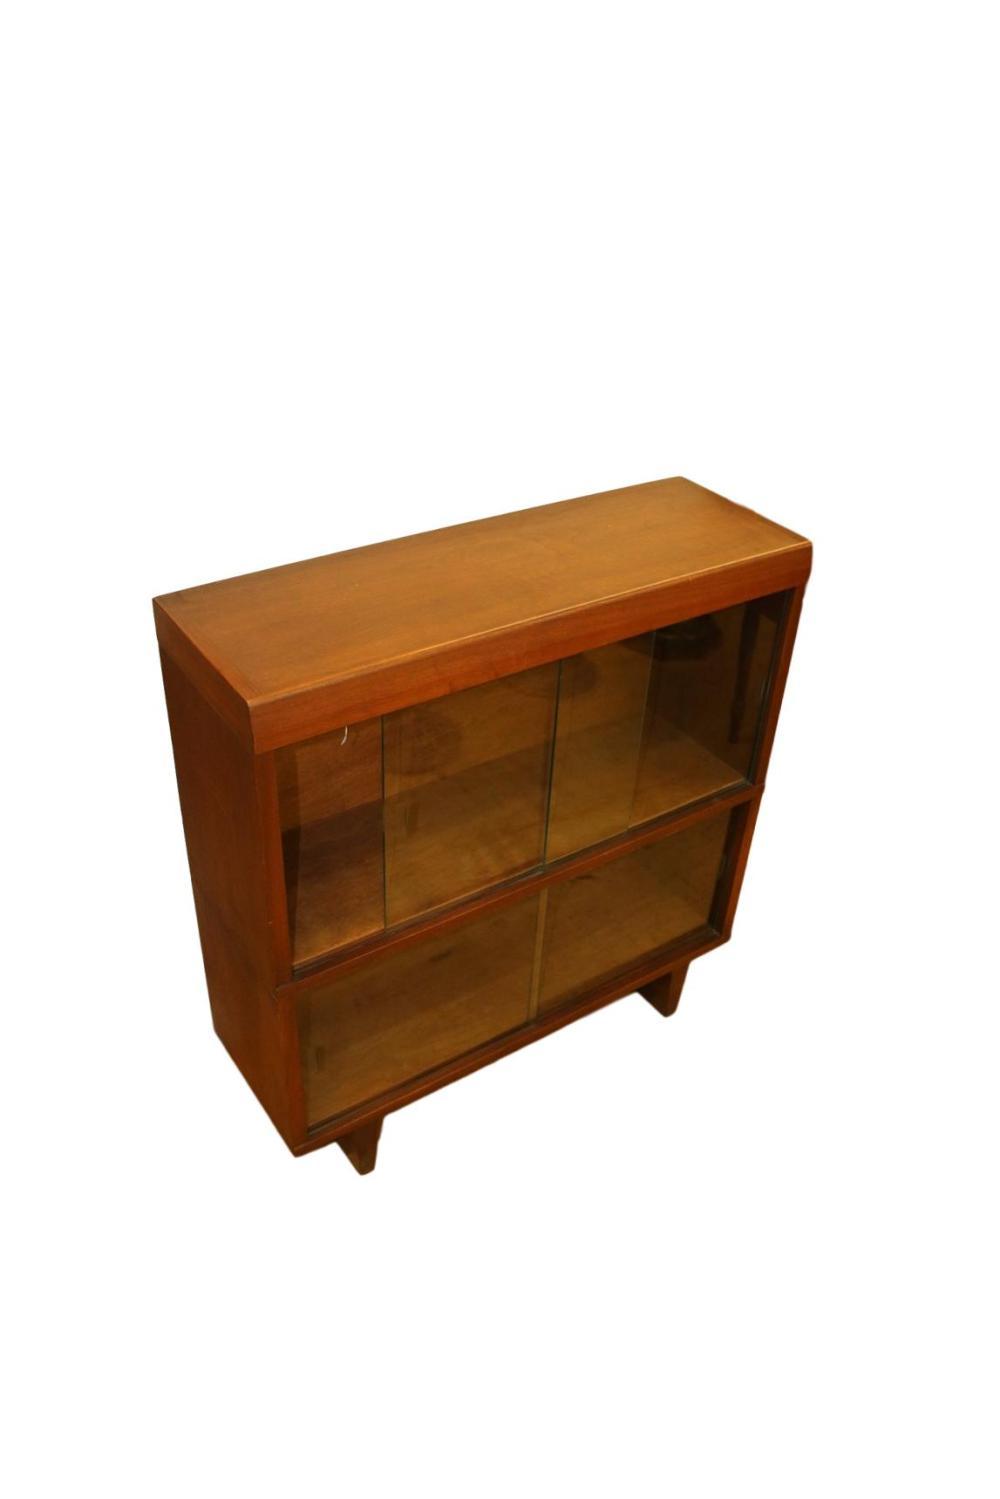 Danish Modern Walnut 2 Stack Barrister Bookcase